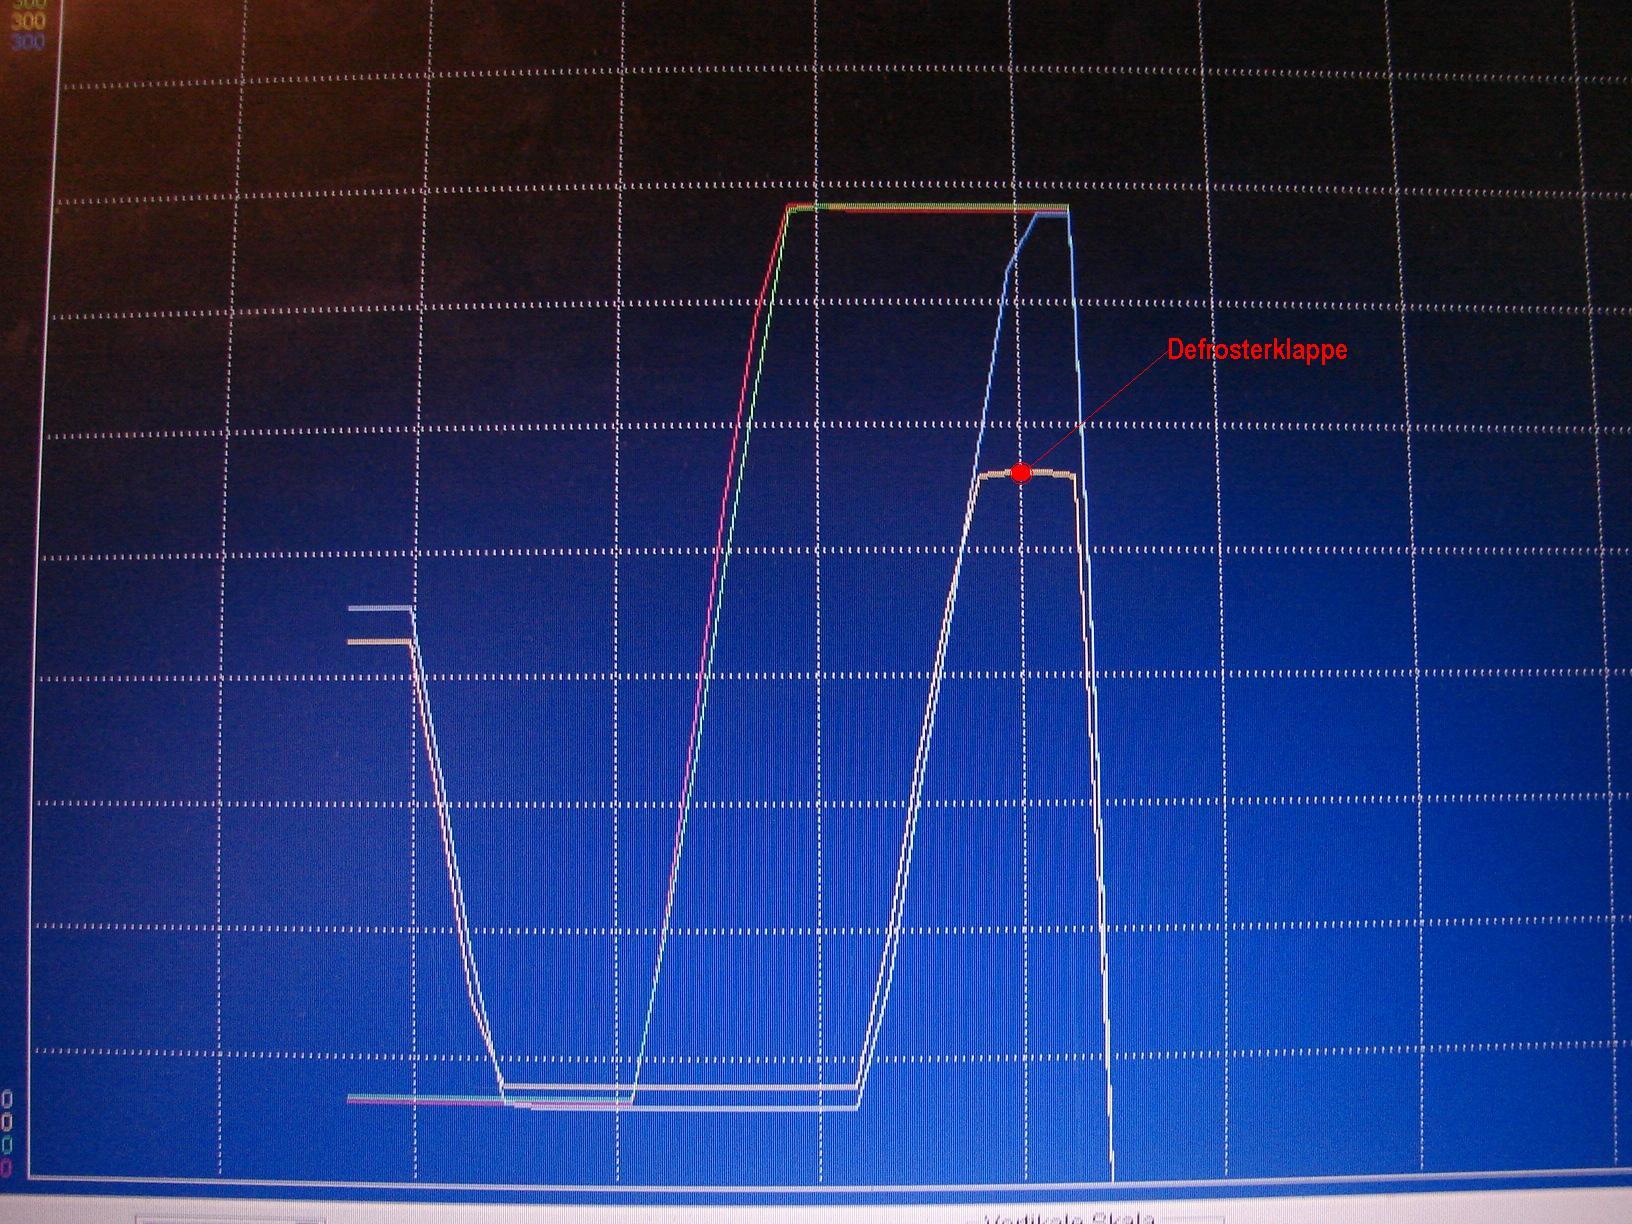 diagramm_grundanstellung.JPG.0252a12cb8ed9c92f669359c21202eb7.JPG